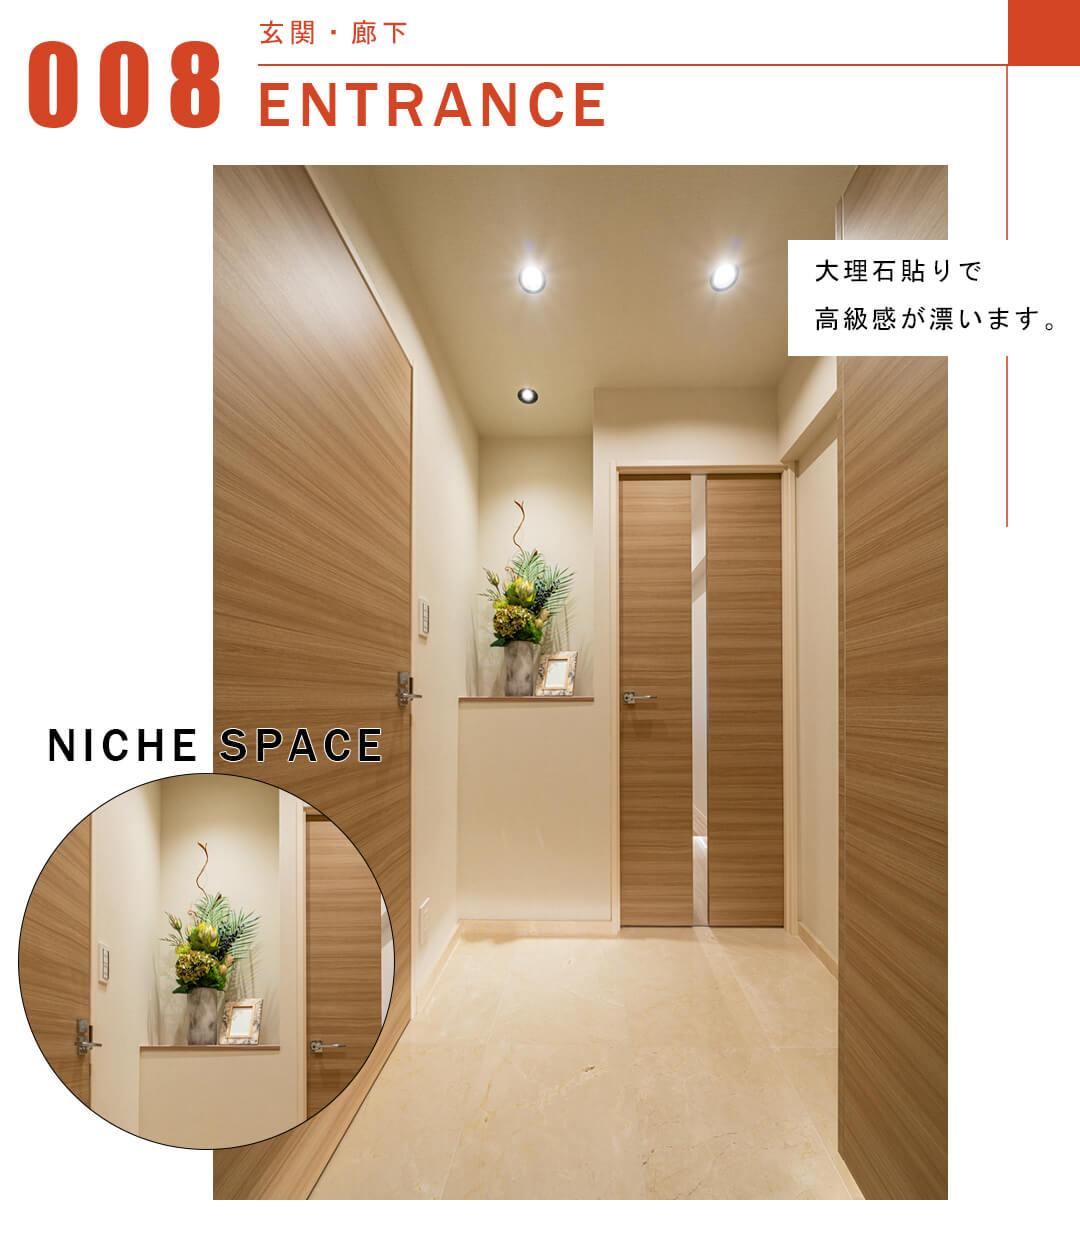 笹塚サンハイツの廊下